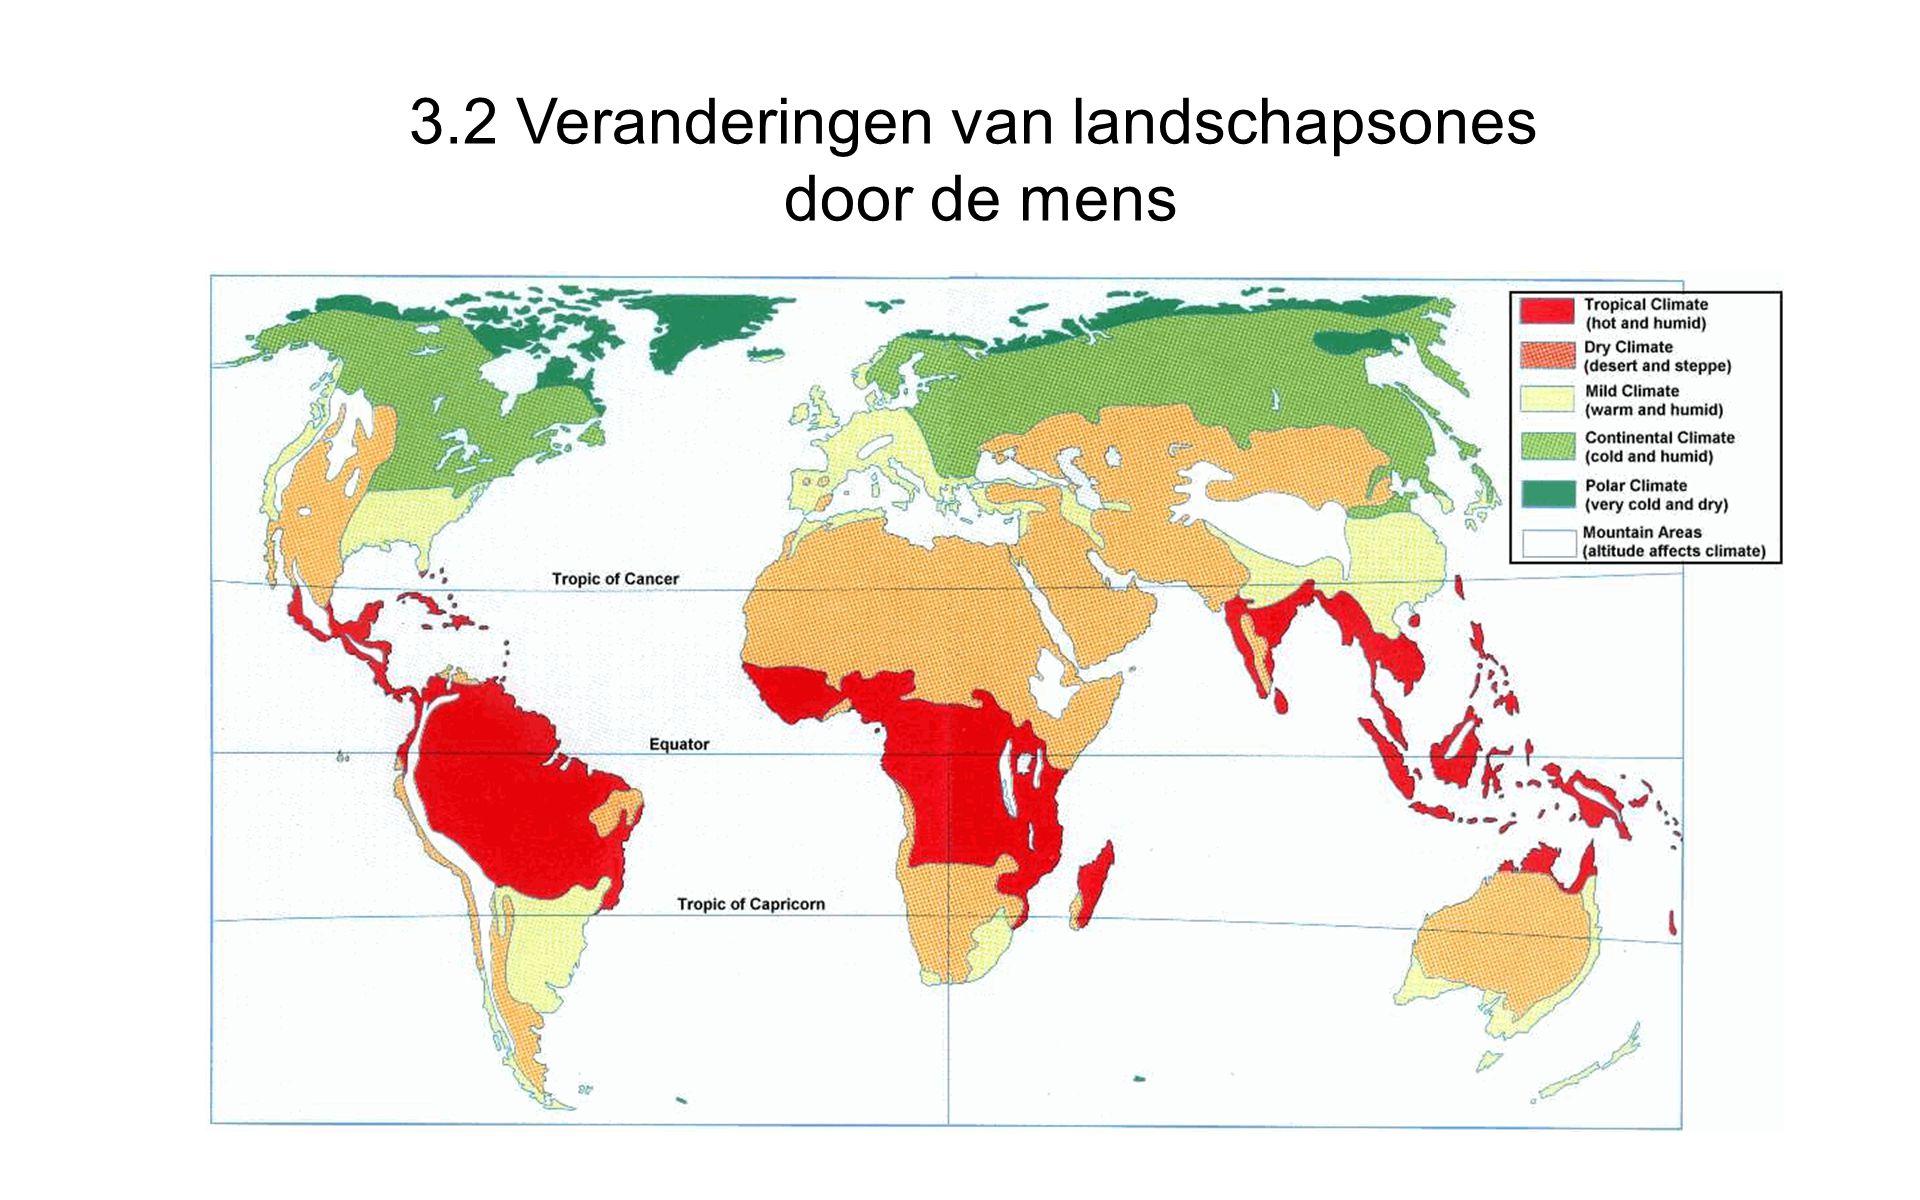 3.2 Veranderingen van landschapsones door de mens